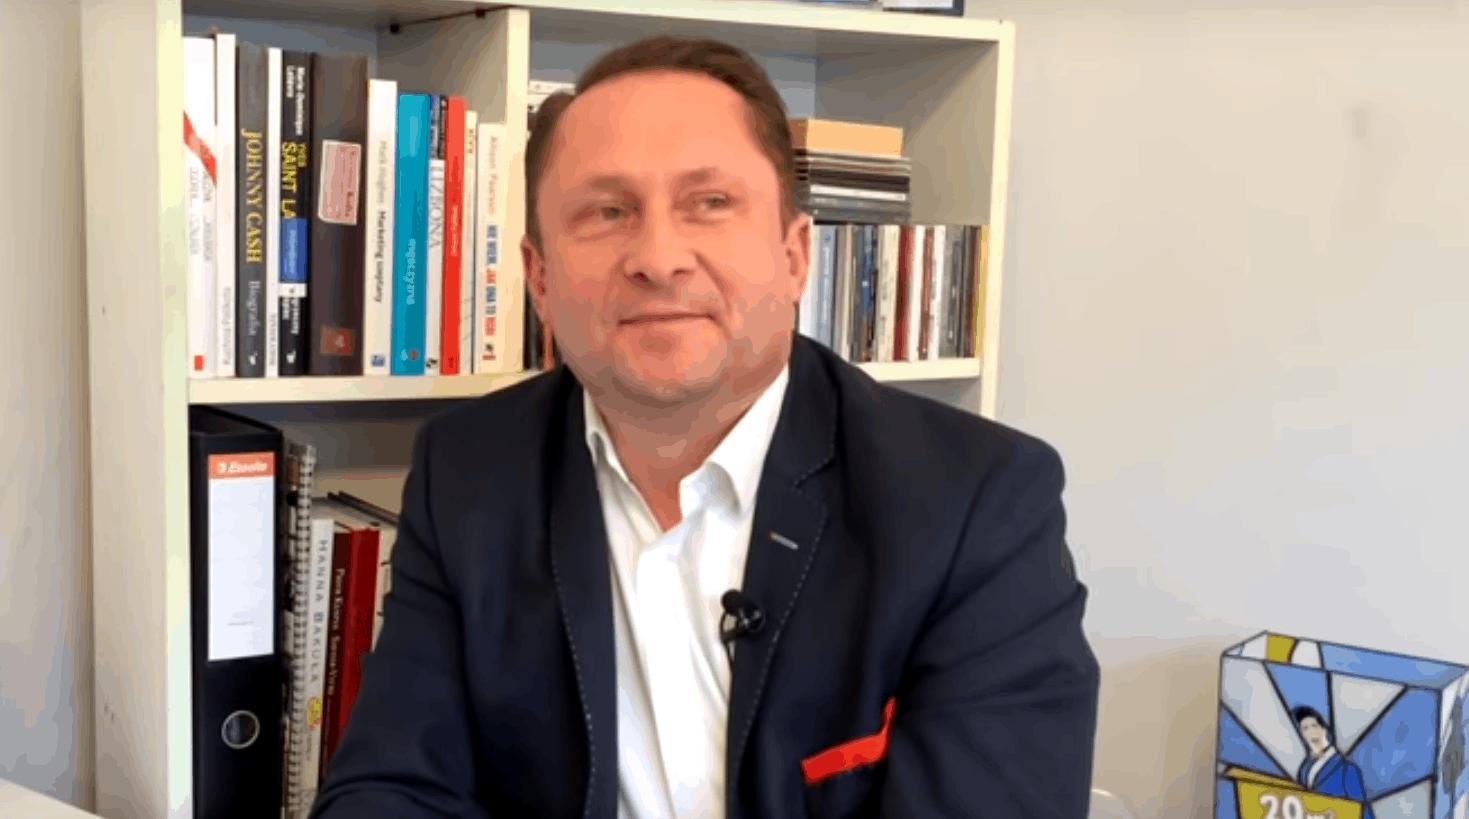 Kamil Durczok (Fakty, TVN, Durczokracja, Polsat News) : alkohol spowodował, że miał wypadek, ale nie obce były mu także narkotyki. Co się z nim dzieje?